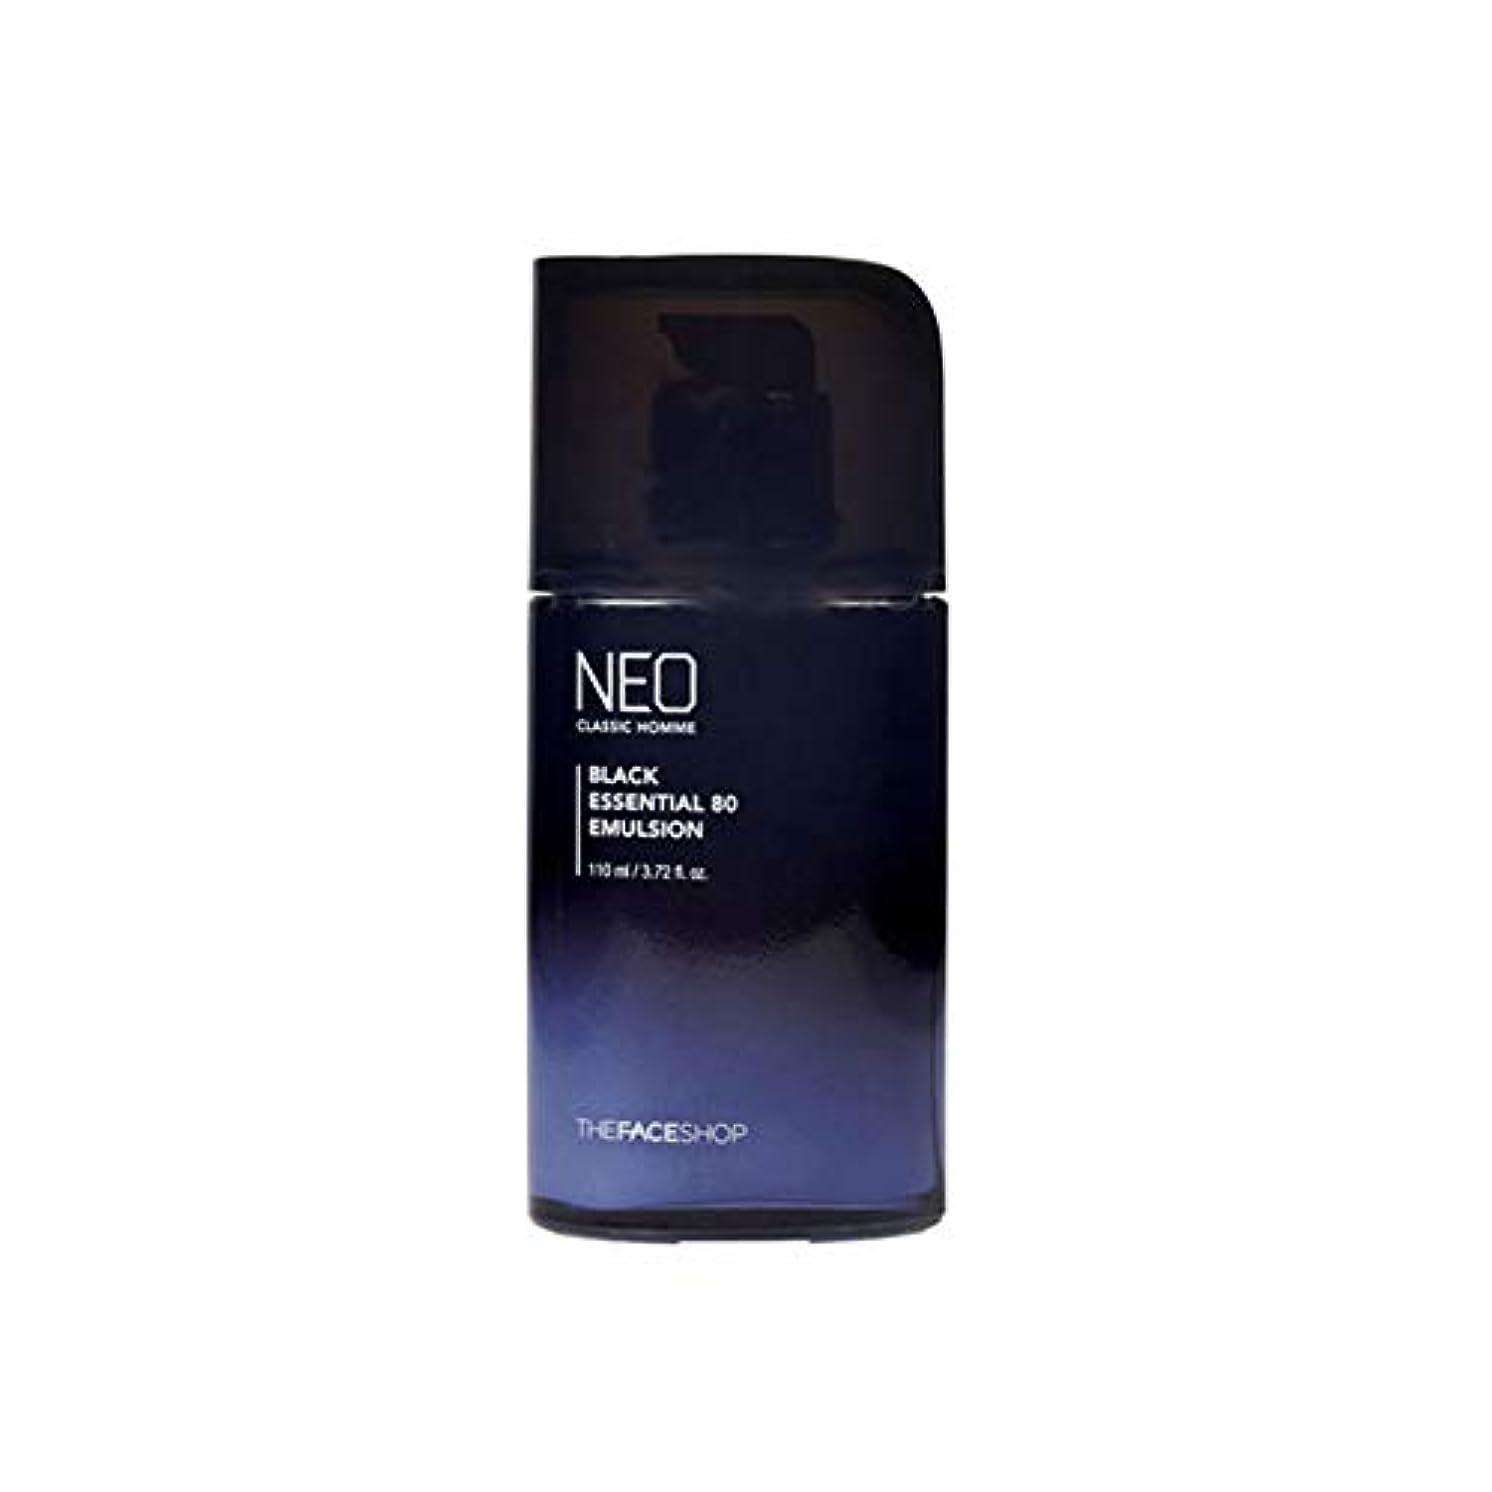 [ザフェイスショップ ]The Face shop ネオ クラシック オム ブラック エッセンシャル 80 エマルジョン110ml Neo Classic Homme Black Essential 80 Emulsion...